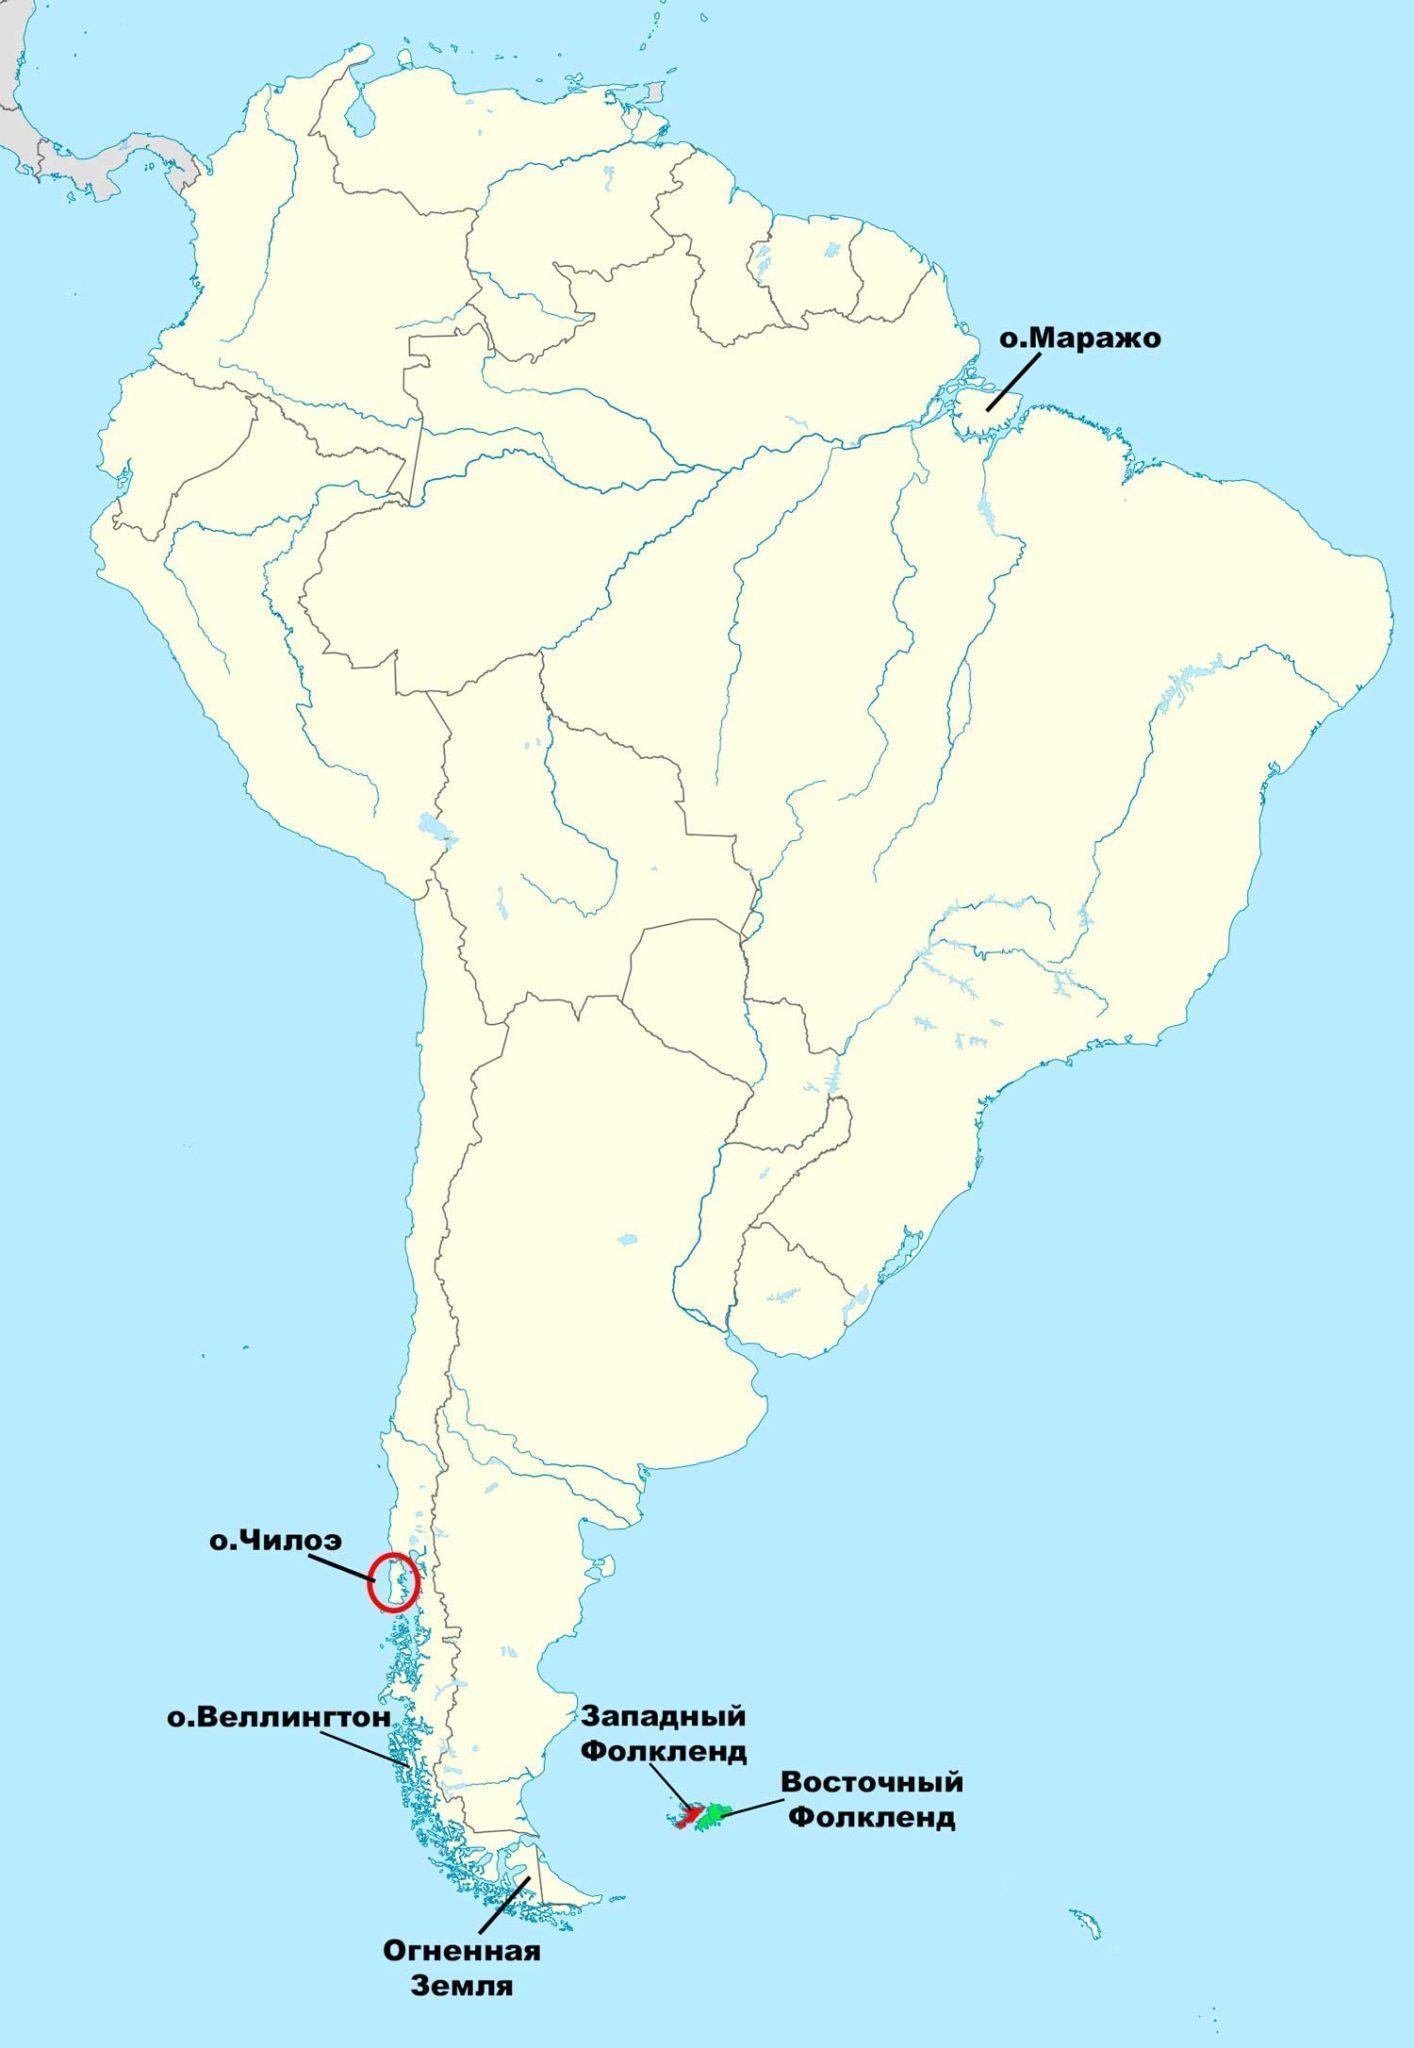 Самые большие острова и полуострова Южной Америки: список, описание и карта 2